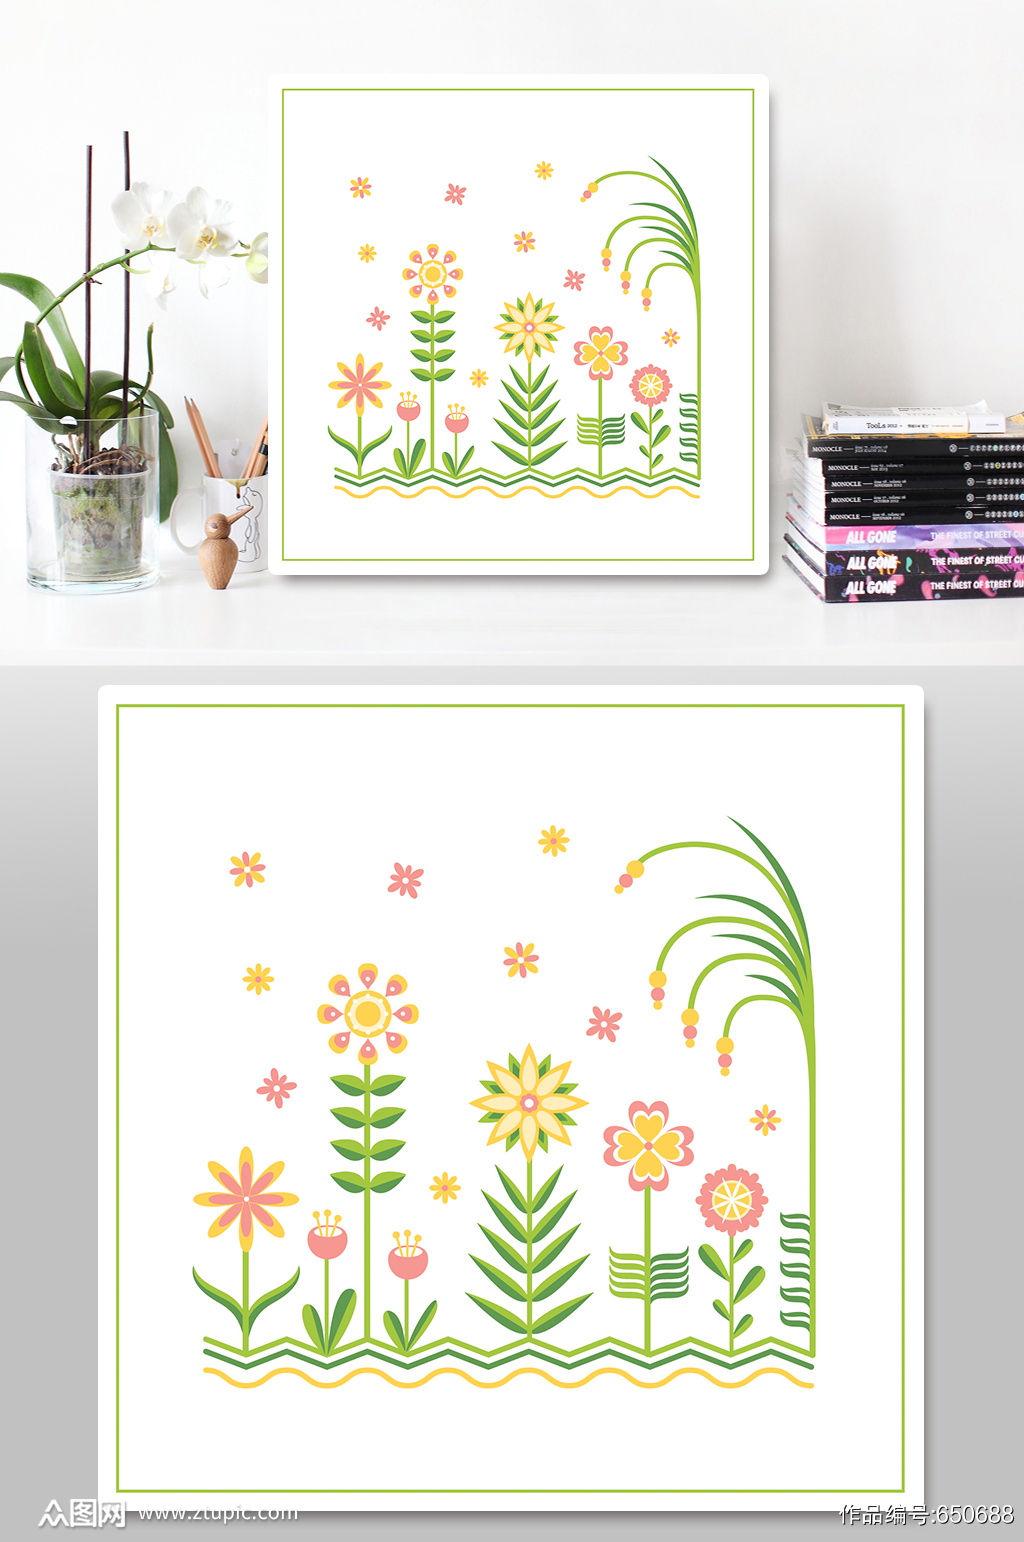 水彩花卉装饰植物元素素材